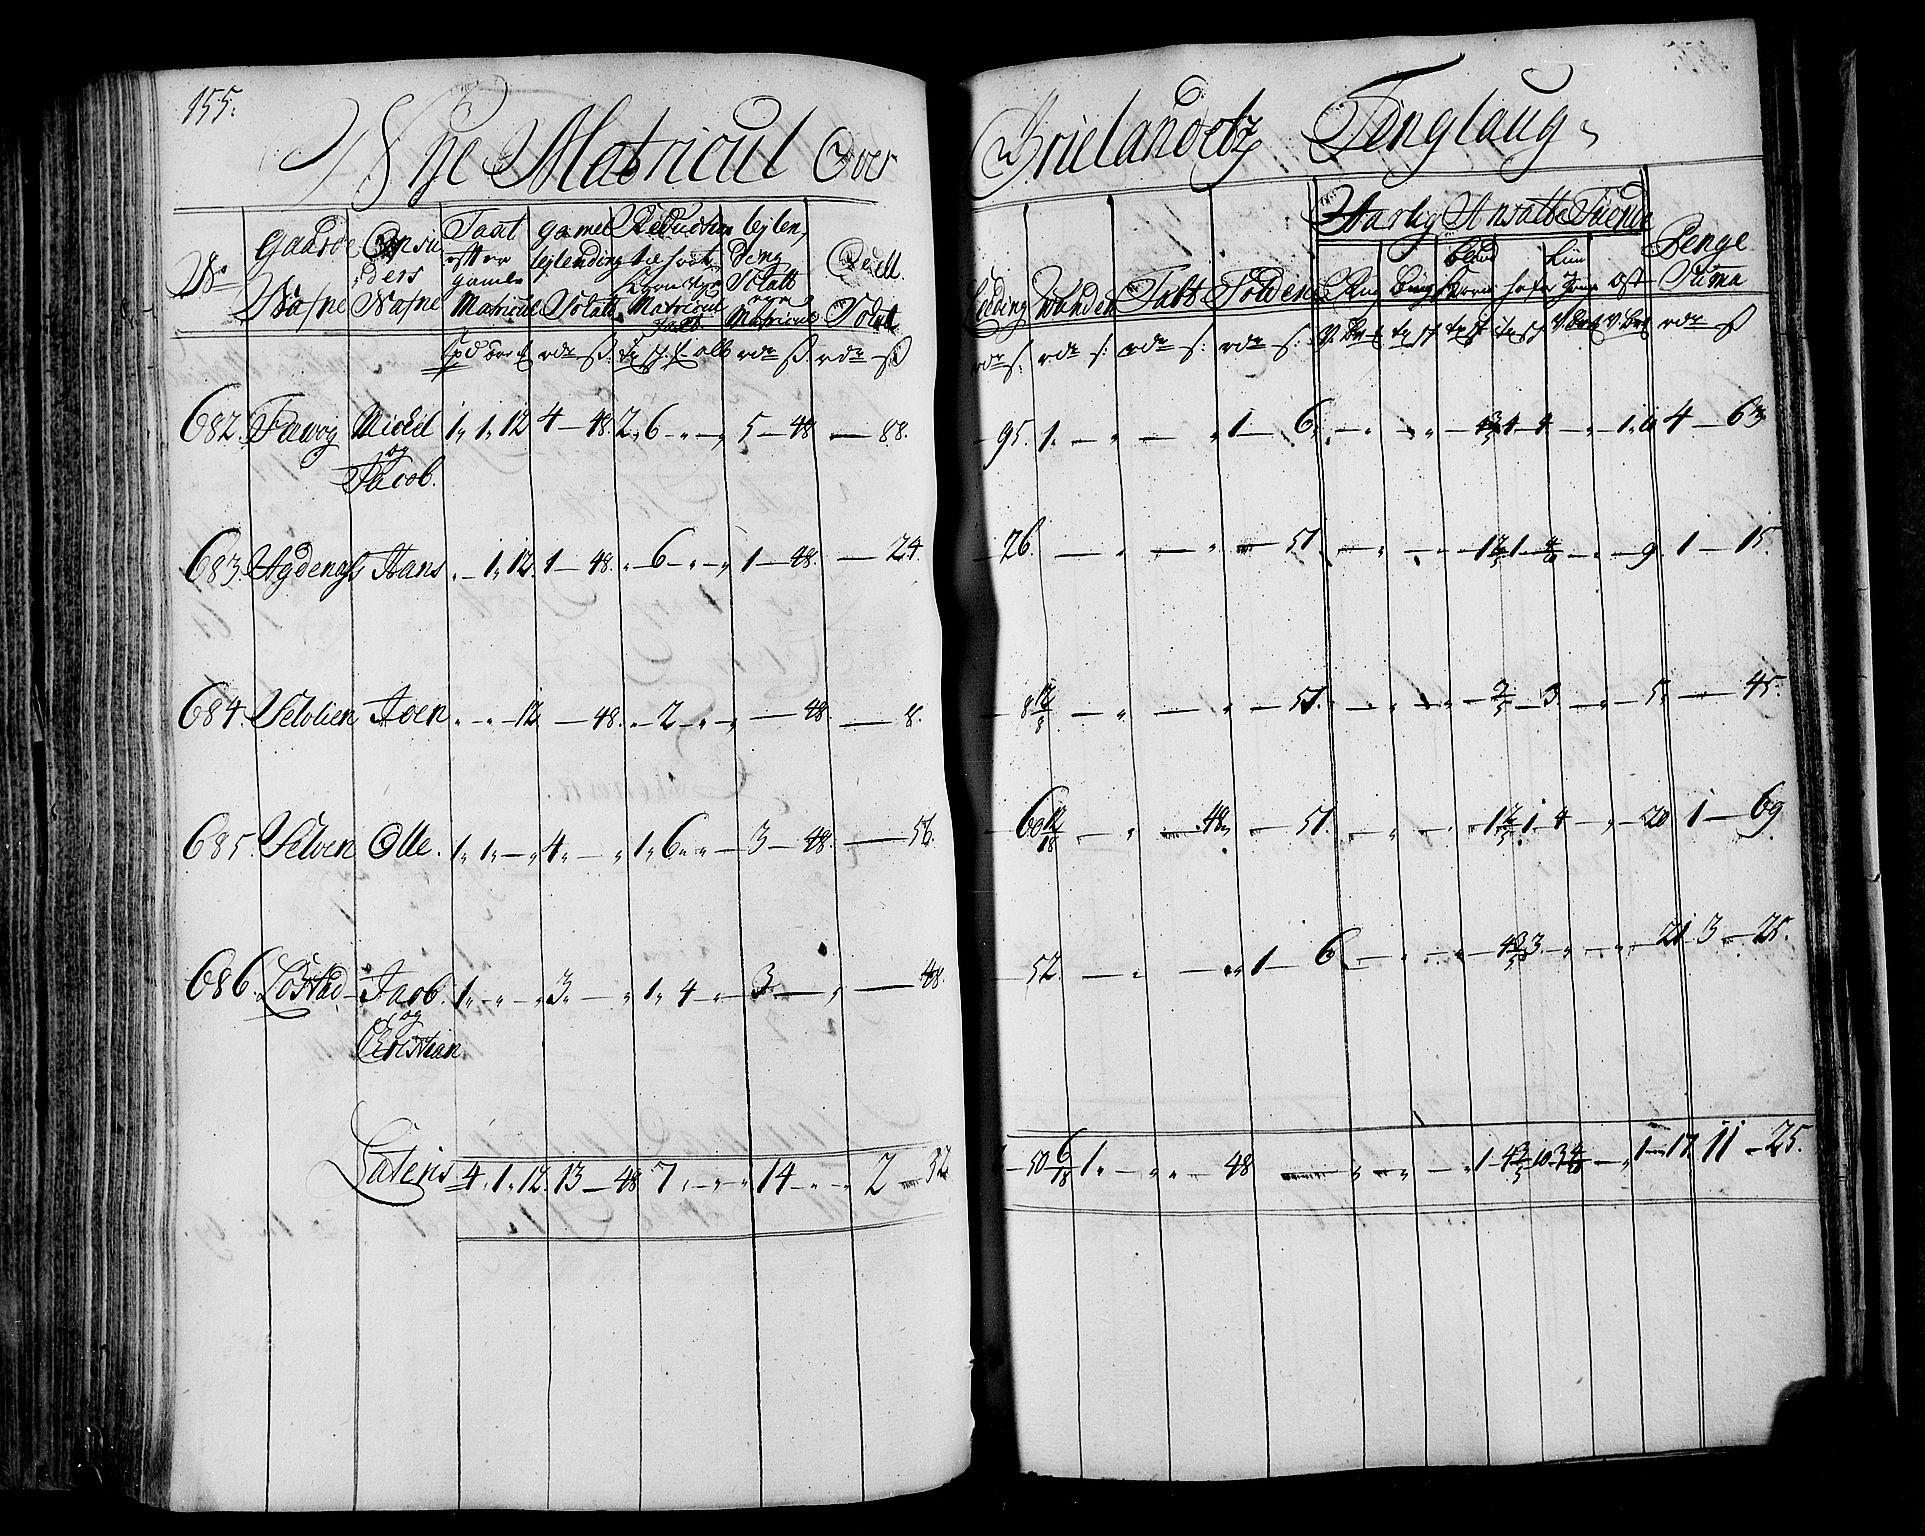 RA, Rentekammeret inntil 1814, Realistisk ordnet avdeling, N/Nb/Nbf/L0163: Fosen matrikkelprotokoll, 1723, s. 155